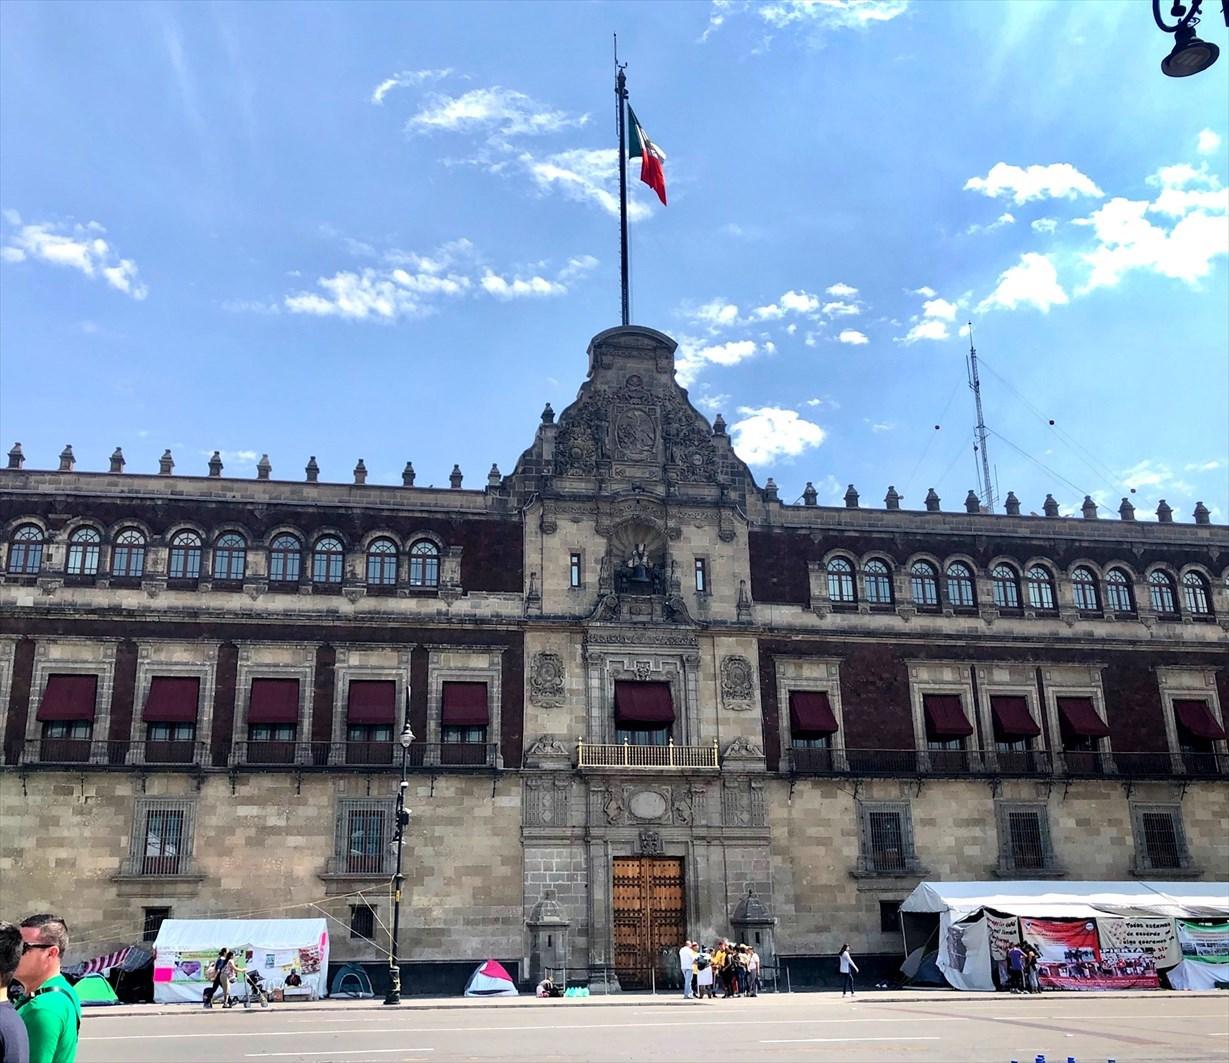 中南米の旅/68 アステカ遺跡の上に建つメトロポリタン大聖堂@メキシコシティ_a0092659_20172852.jpg